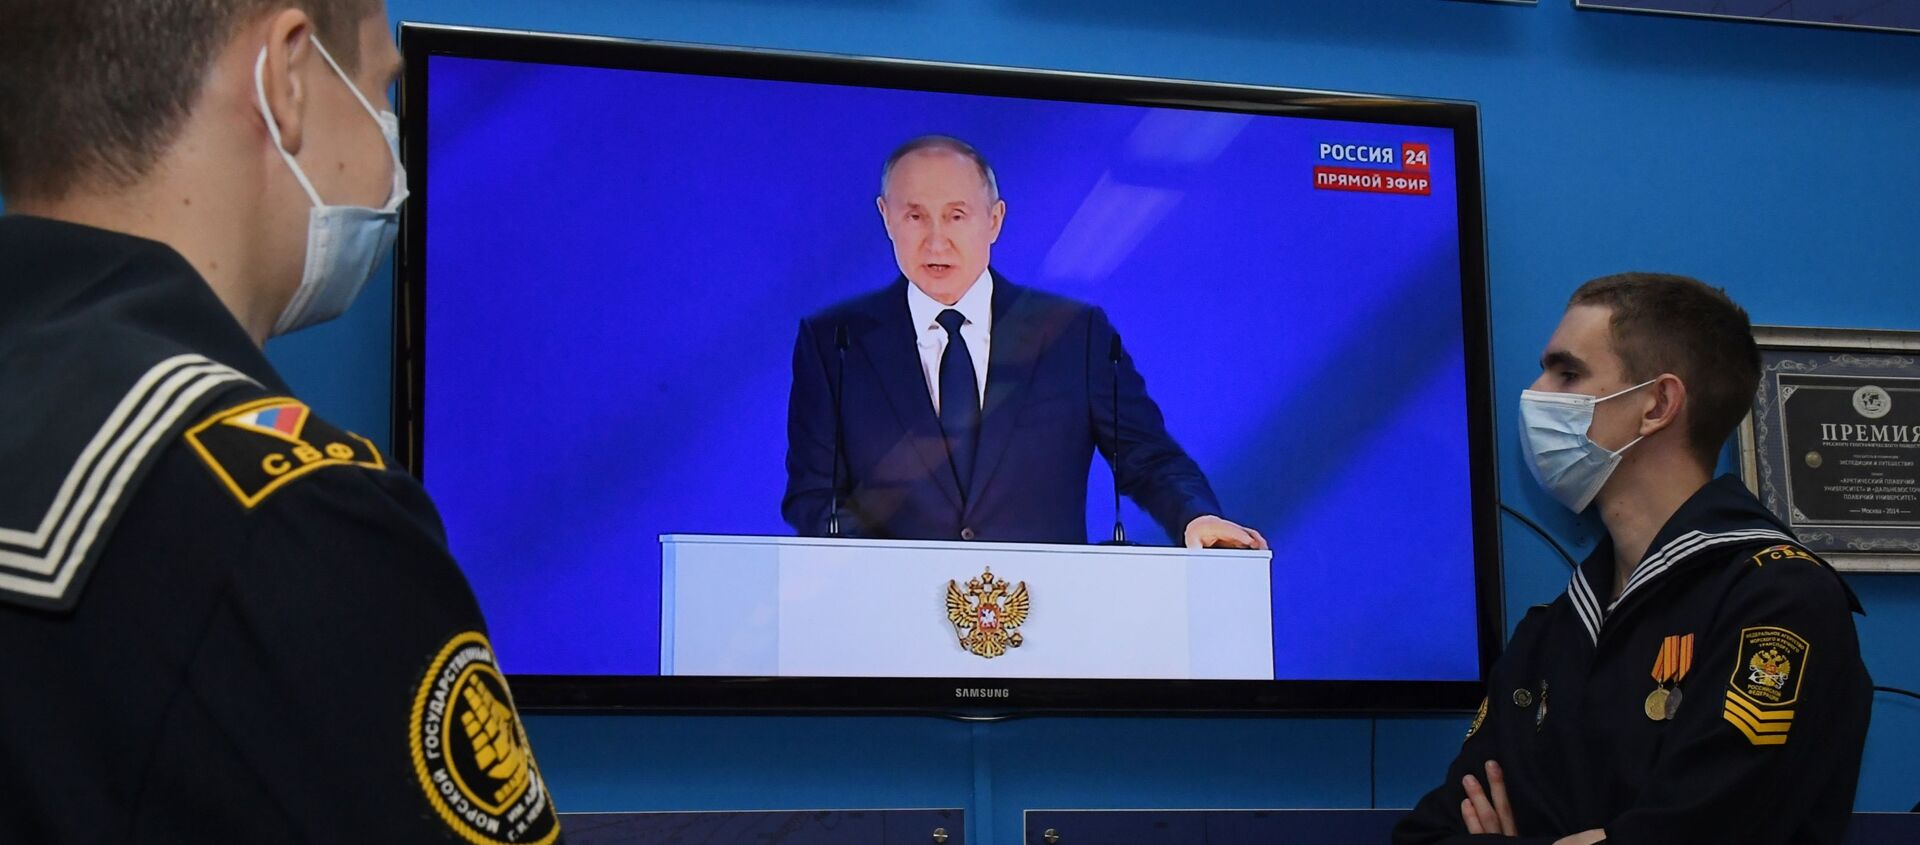 Thông điệp của Tổng thống Vladimir Putin gửi Quốc hội Liên bang - Sputnik Việt Nam, 1920, 21.04.2021